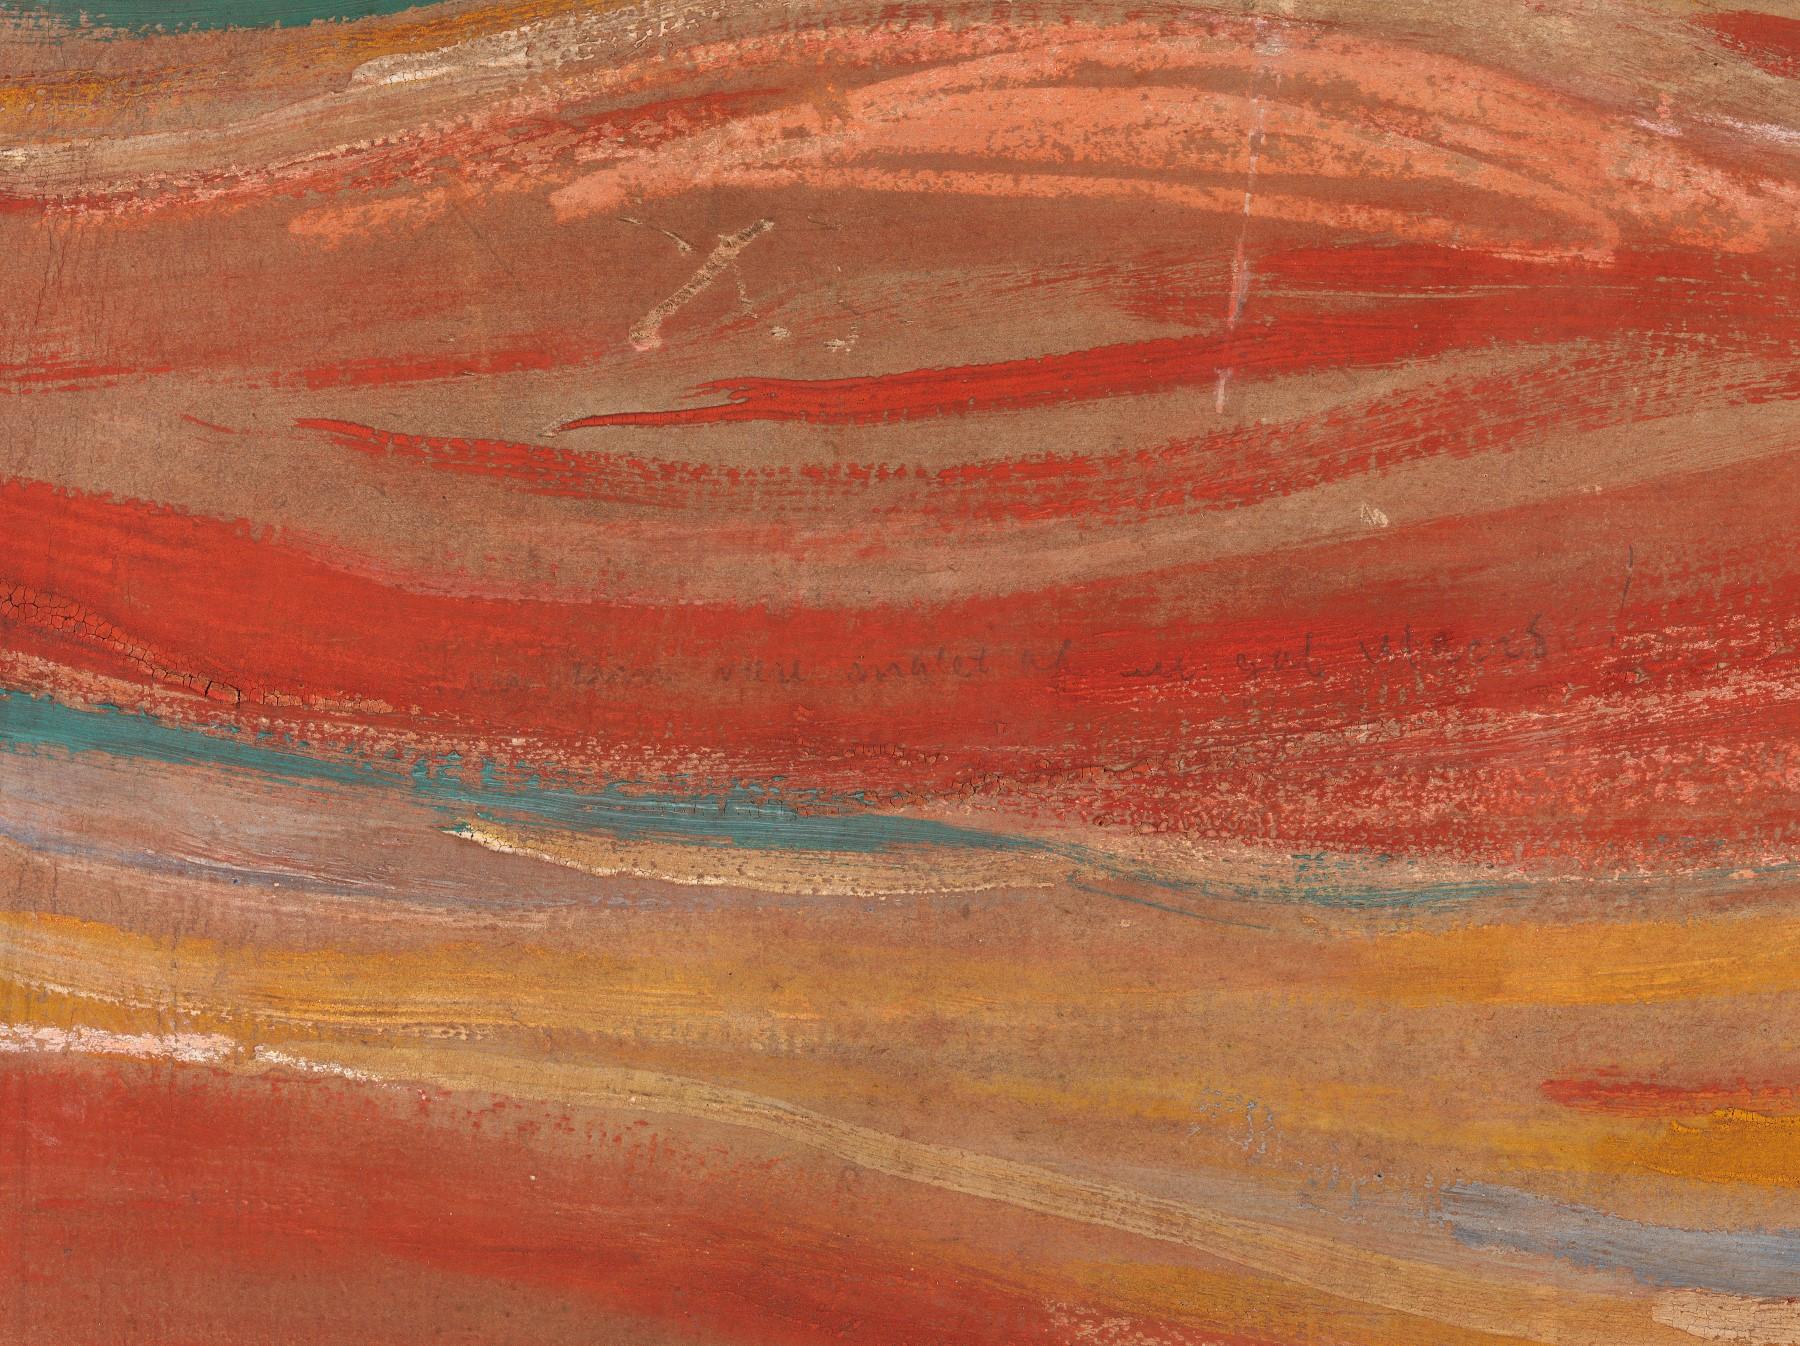 Detalhe do quadro 'O Grito', de Edvard Munch